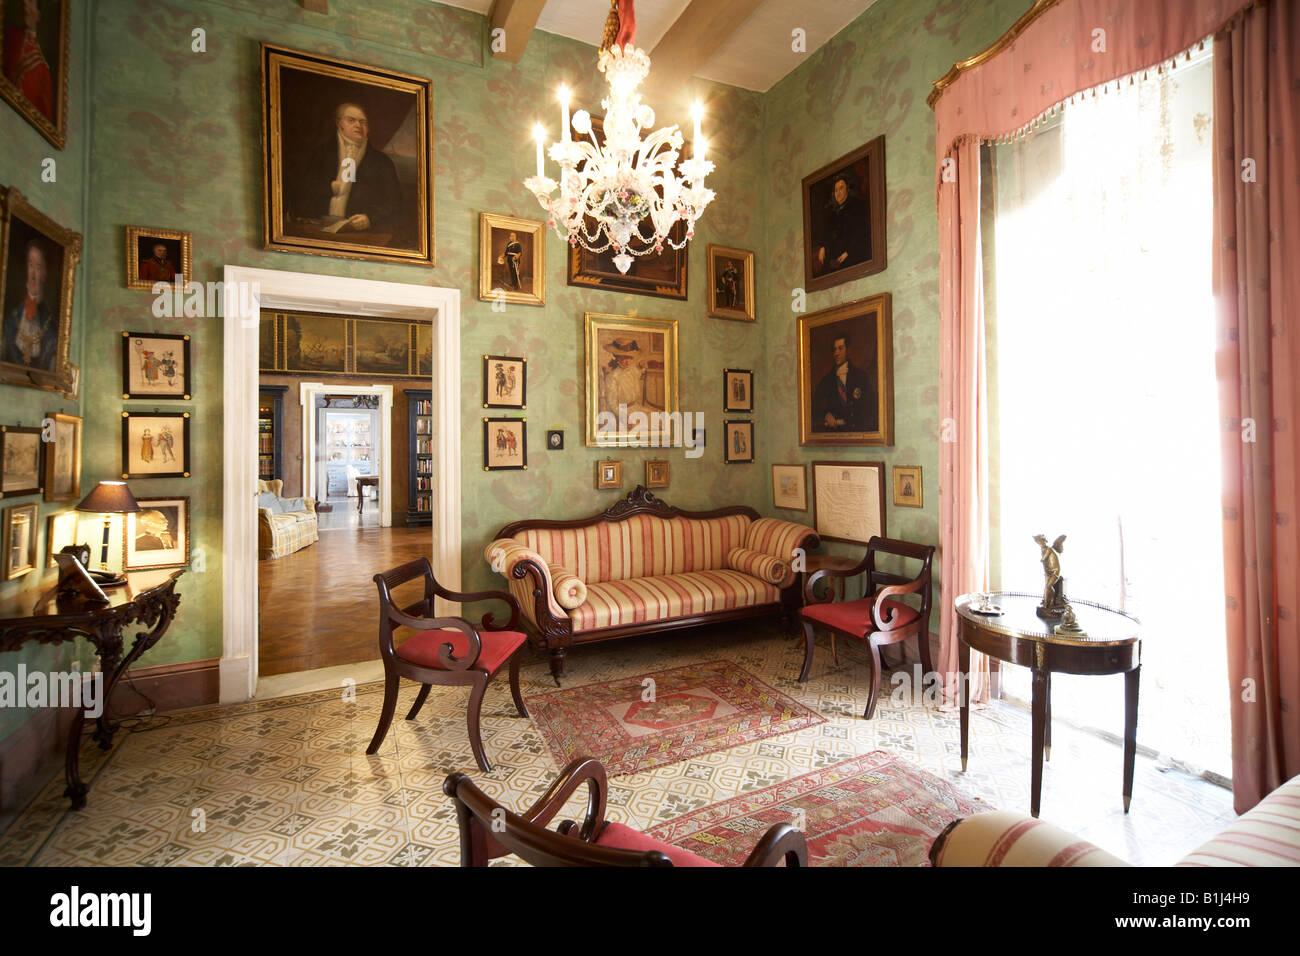 La camera verde in casa rocca piccola storico grand 16c for Piani di piccola casa verde